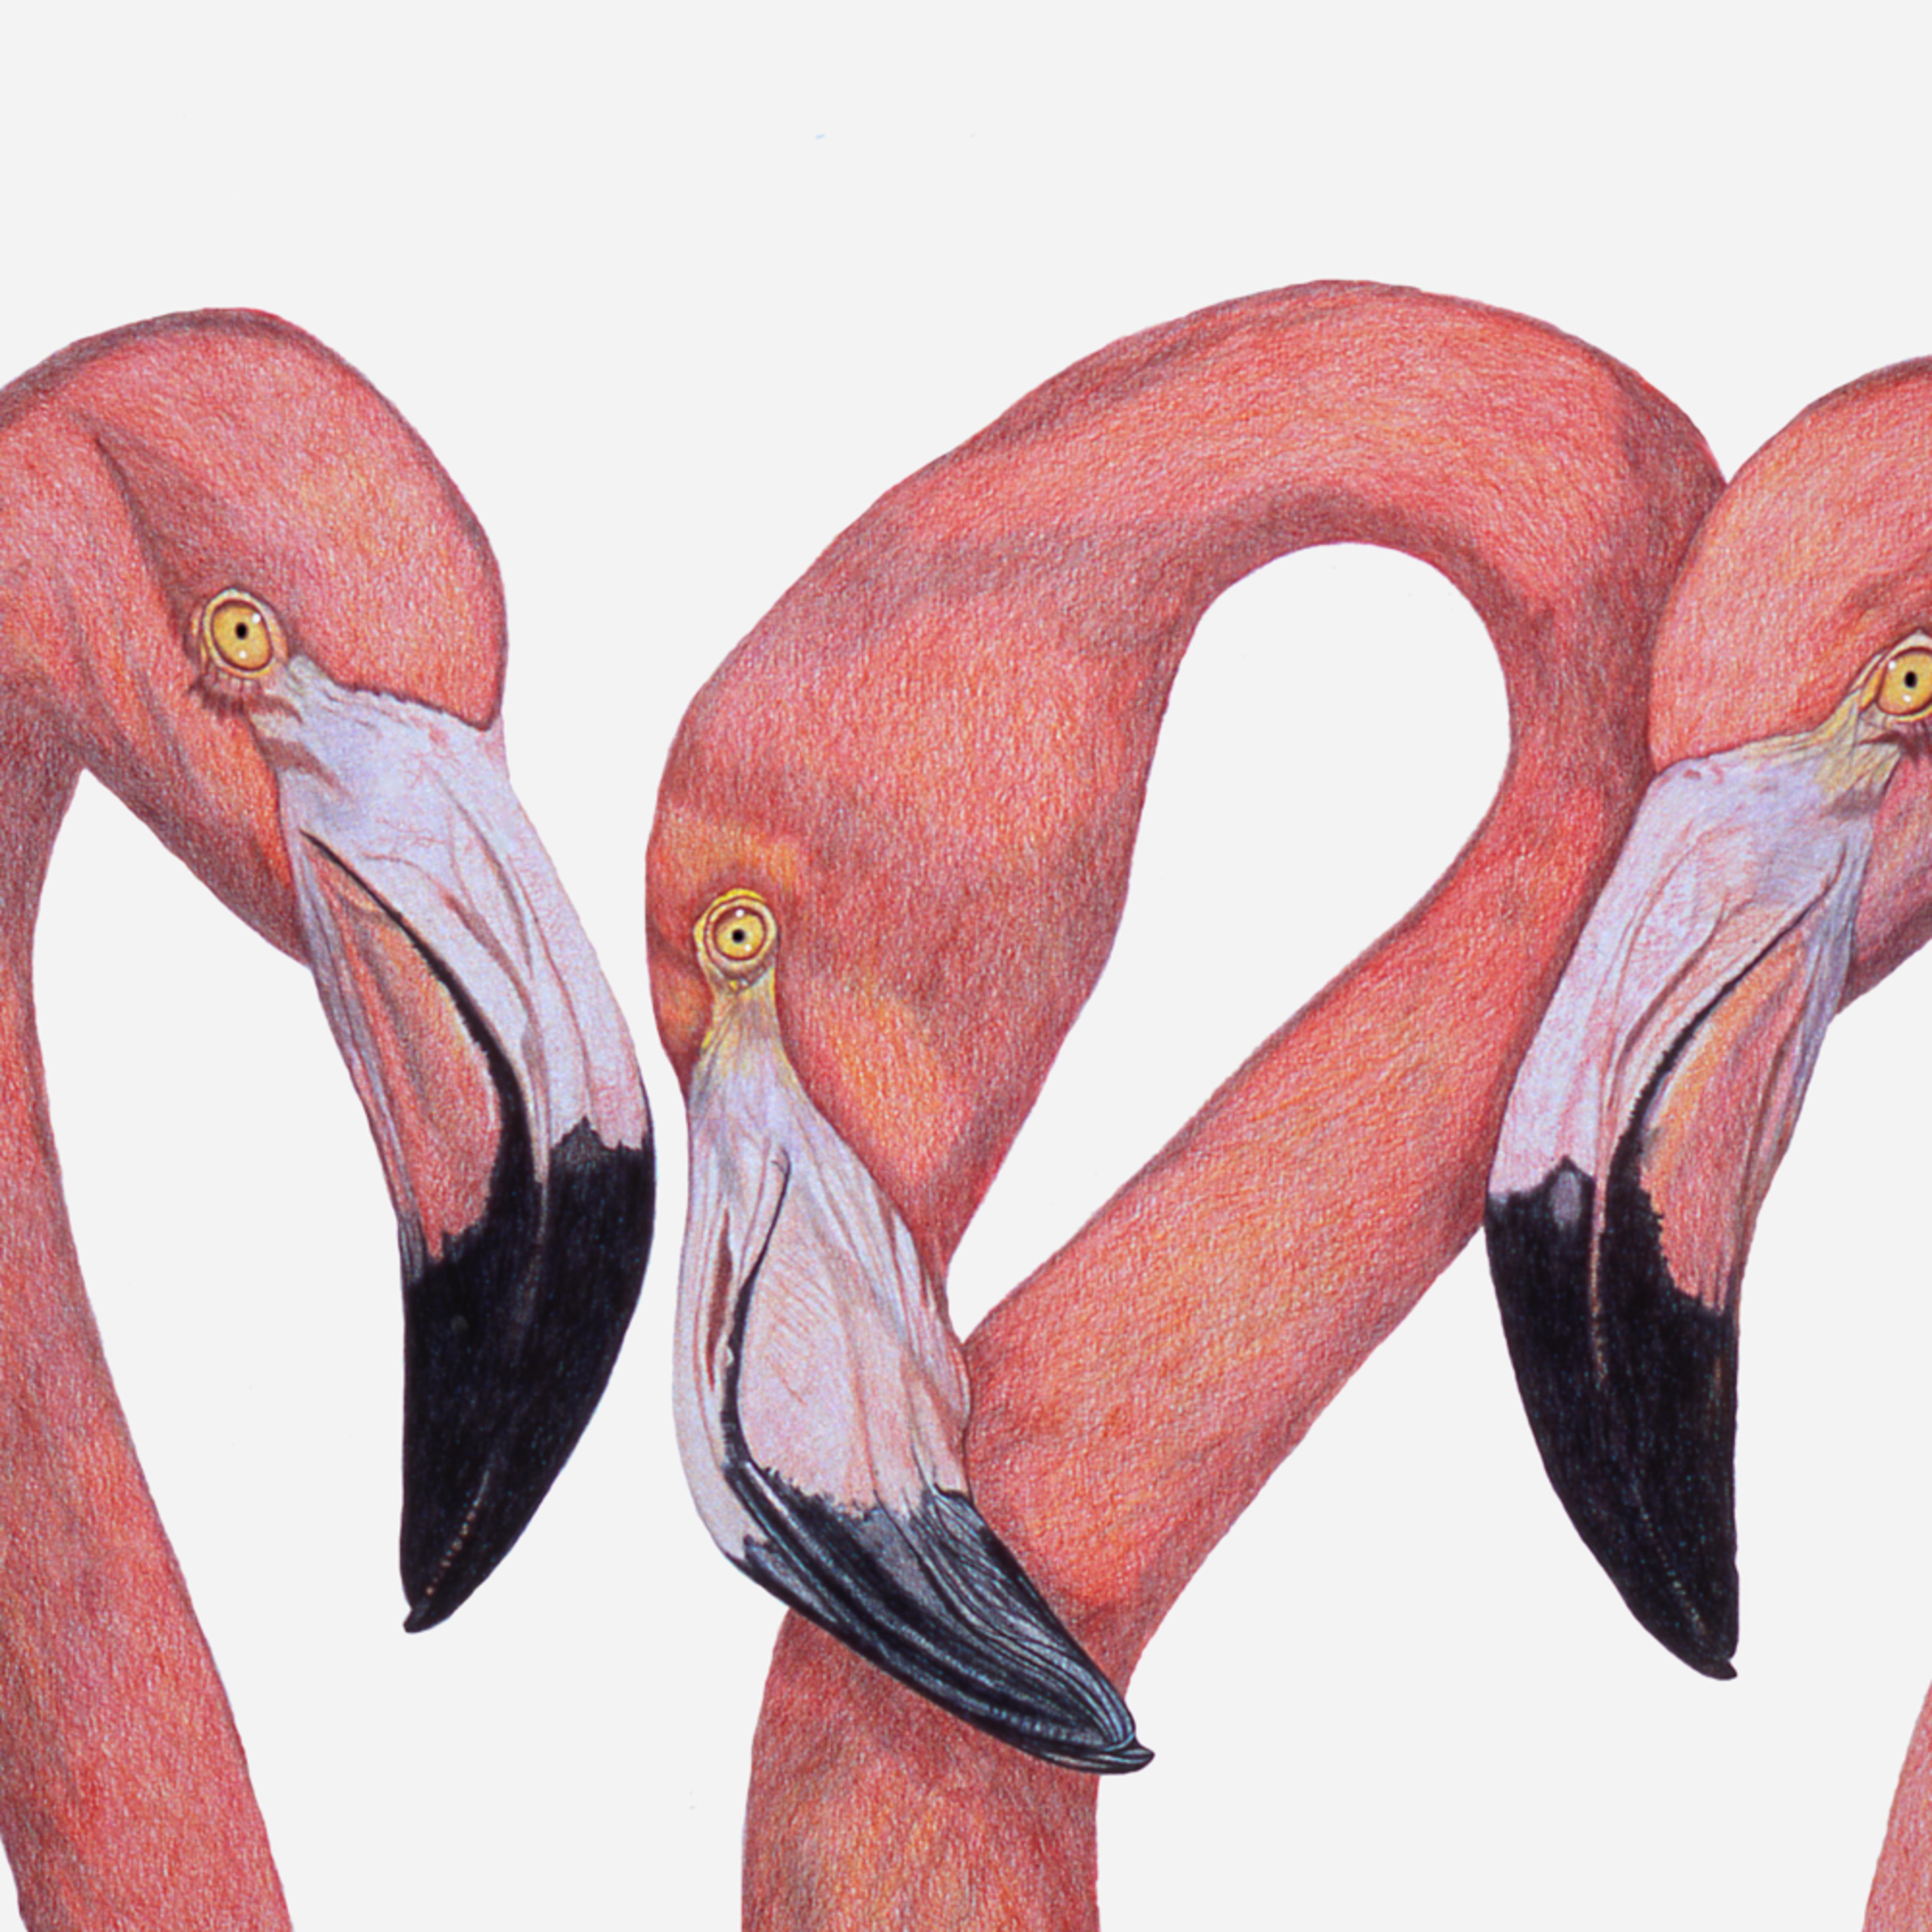 Dee van houten flamingo talk giclee 2020 czgaxw